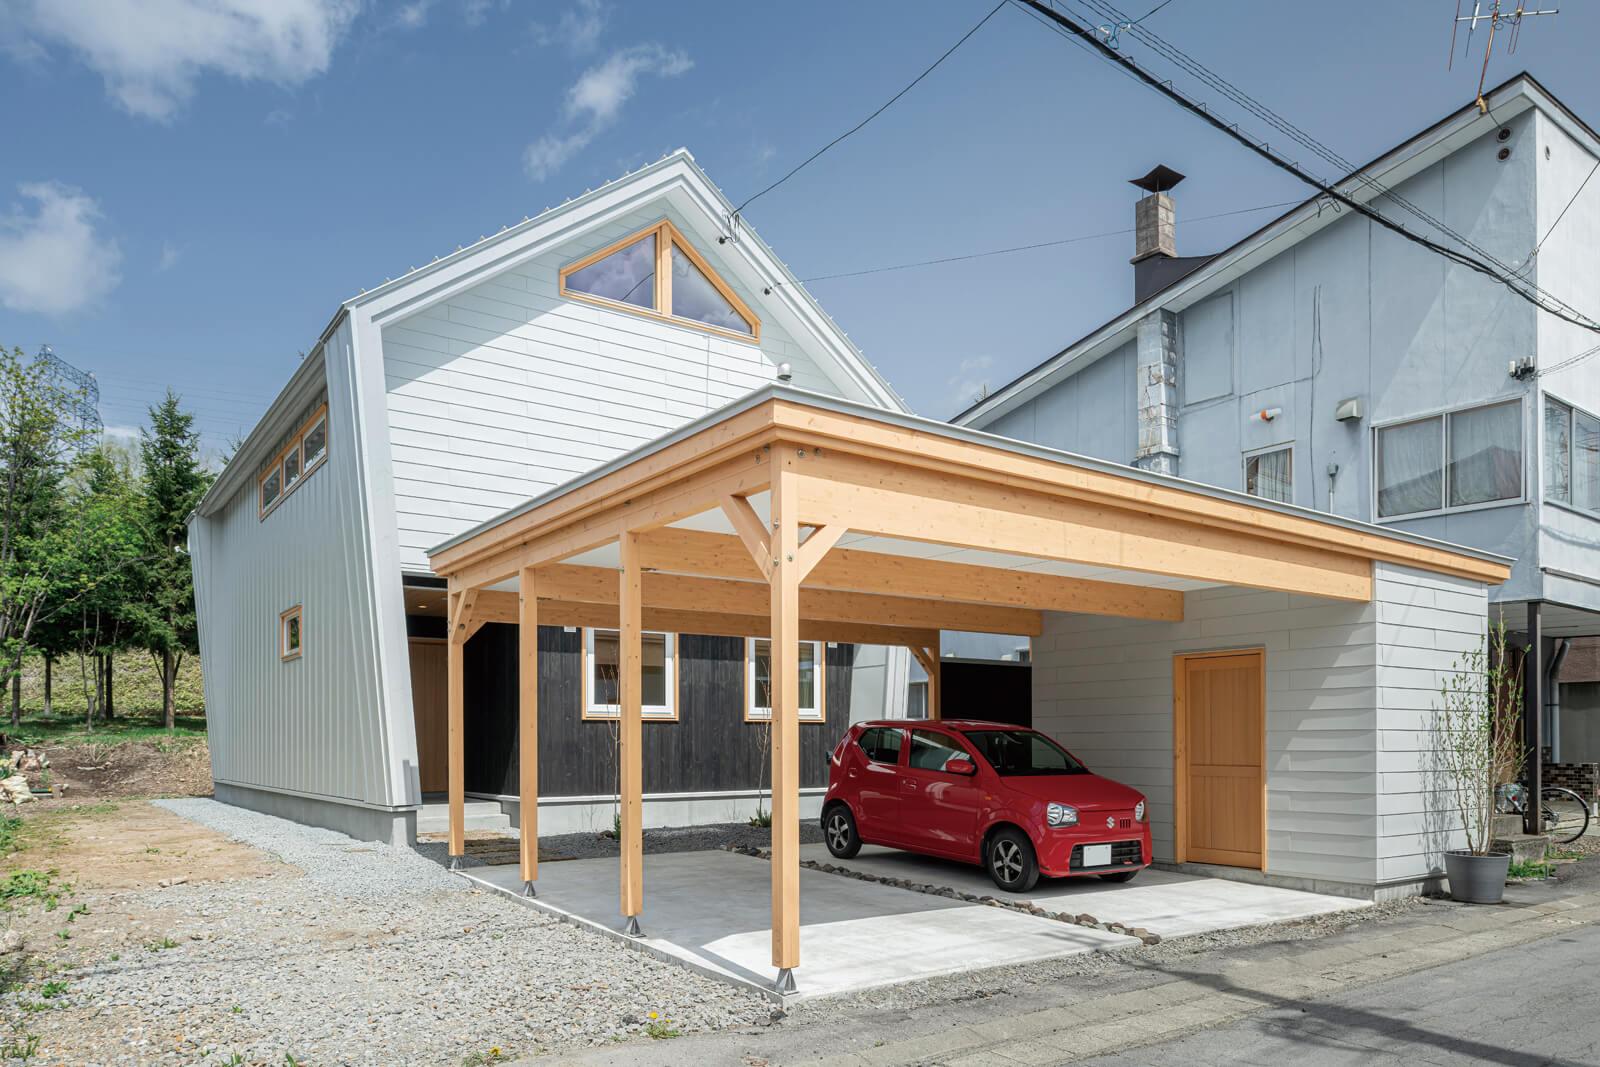 グレーホワイトのガルバリウム鋼板と道南スギでアクセントをつけた五角形の外観。ビックサイズのカーポートは、外観とイメージを合わせて車2台・物置・駐輪スペースを確保した